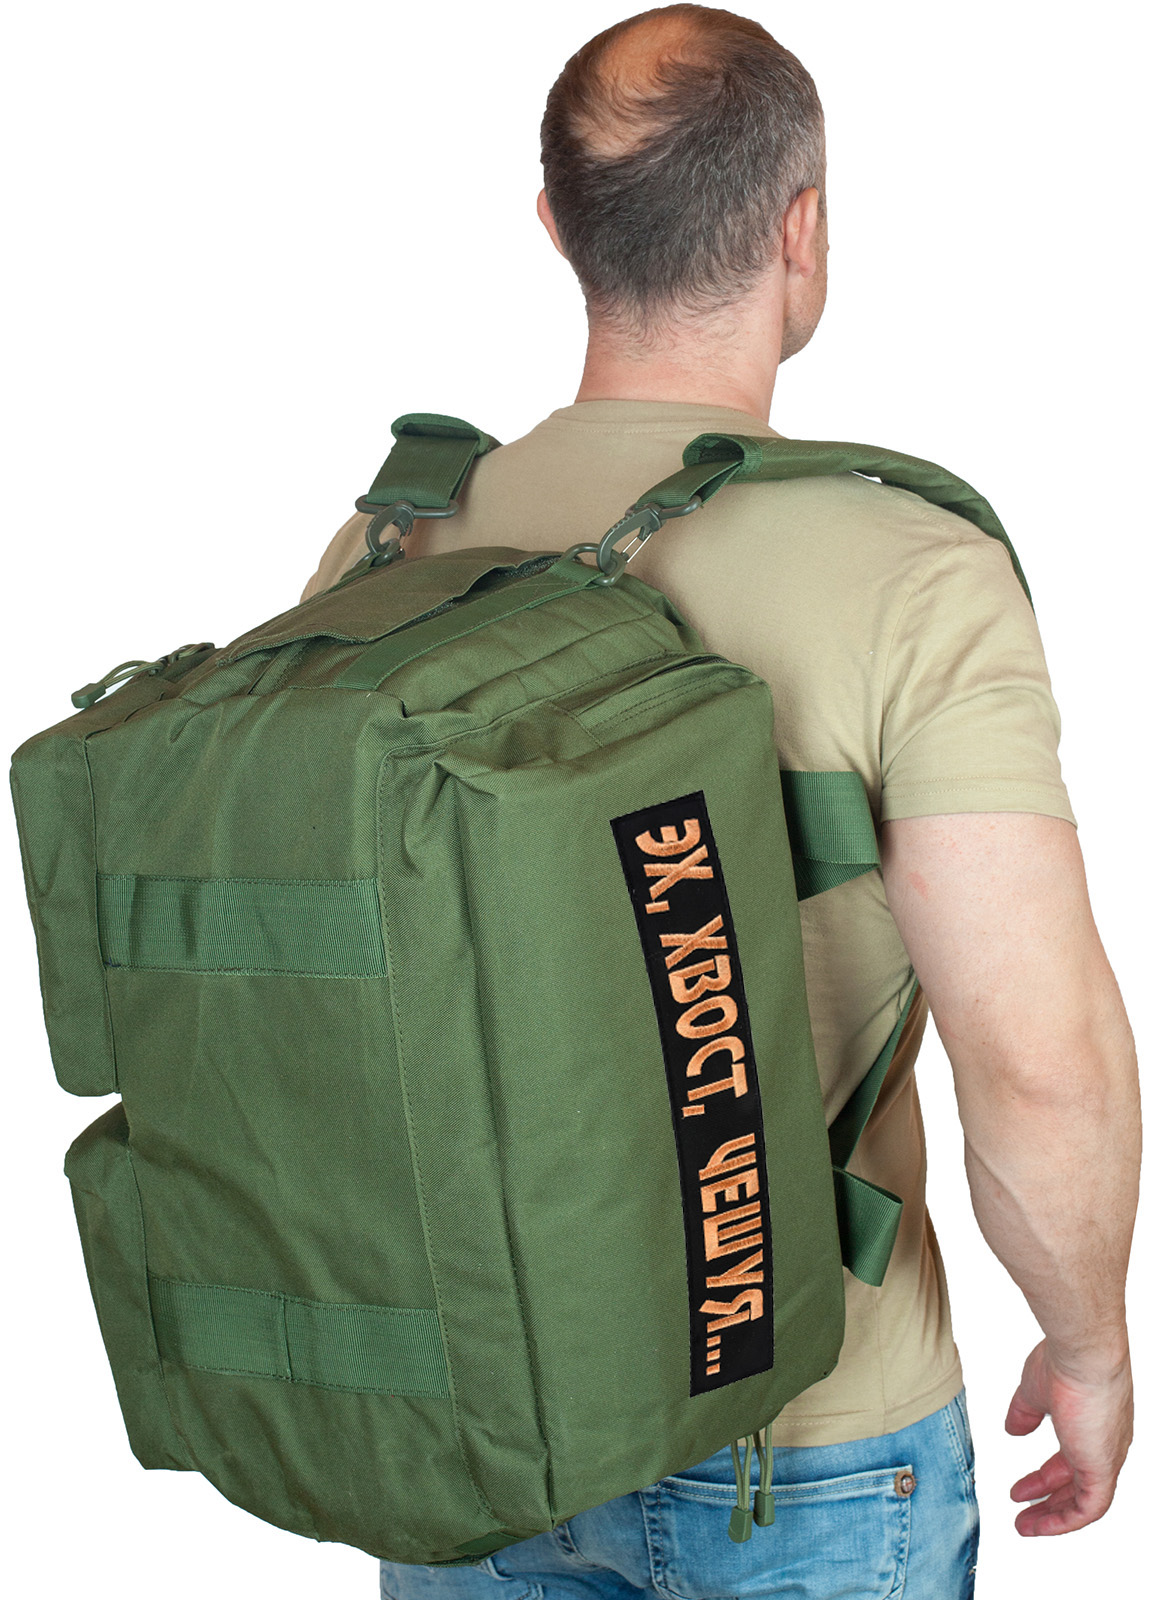 Купить тактическую сумку-рюкзак с нашивкой  Эх, хвост, чешуя по экономичной цене